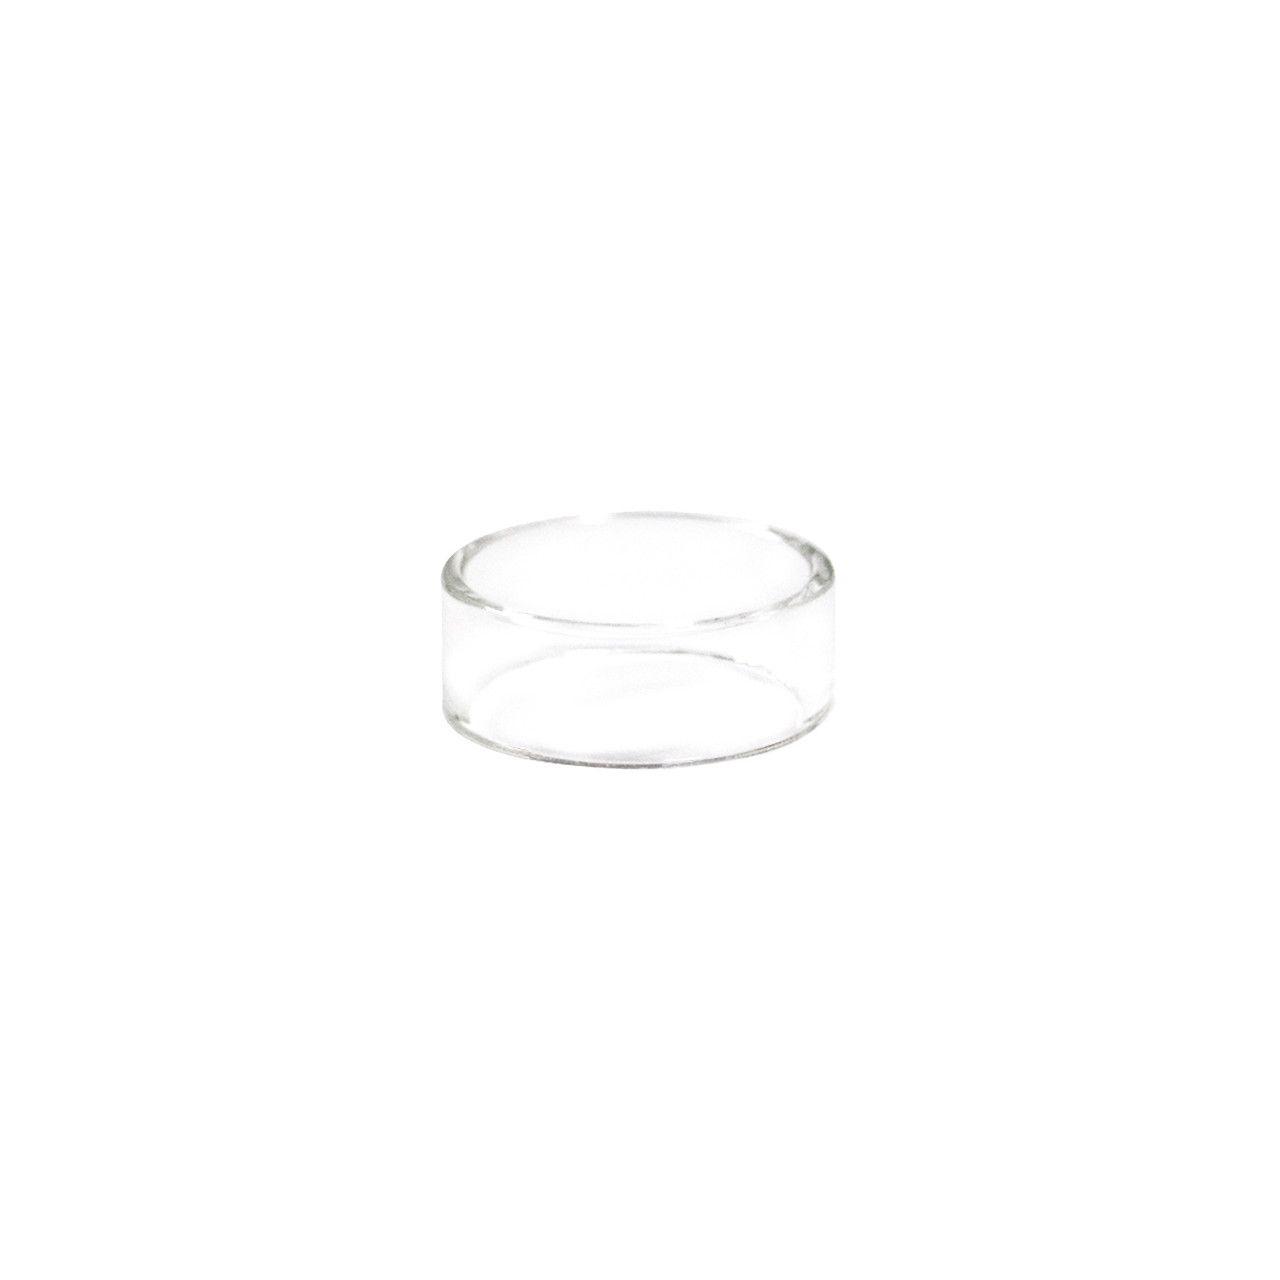 Tubo de Vidro de Reposição - Vaporesso Cascade Baby SE 6,5ml (Polar, Cascade One Plus SE)